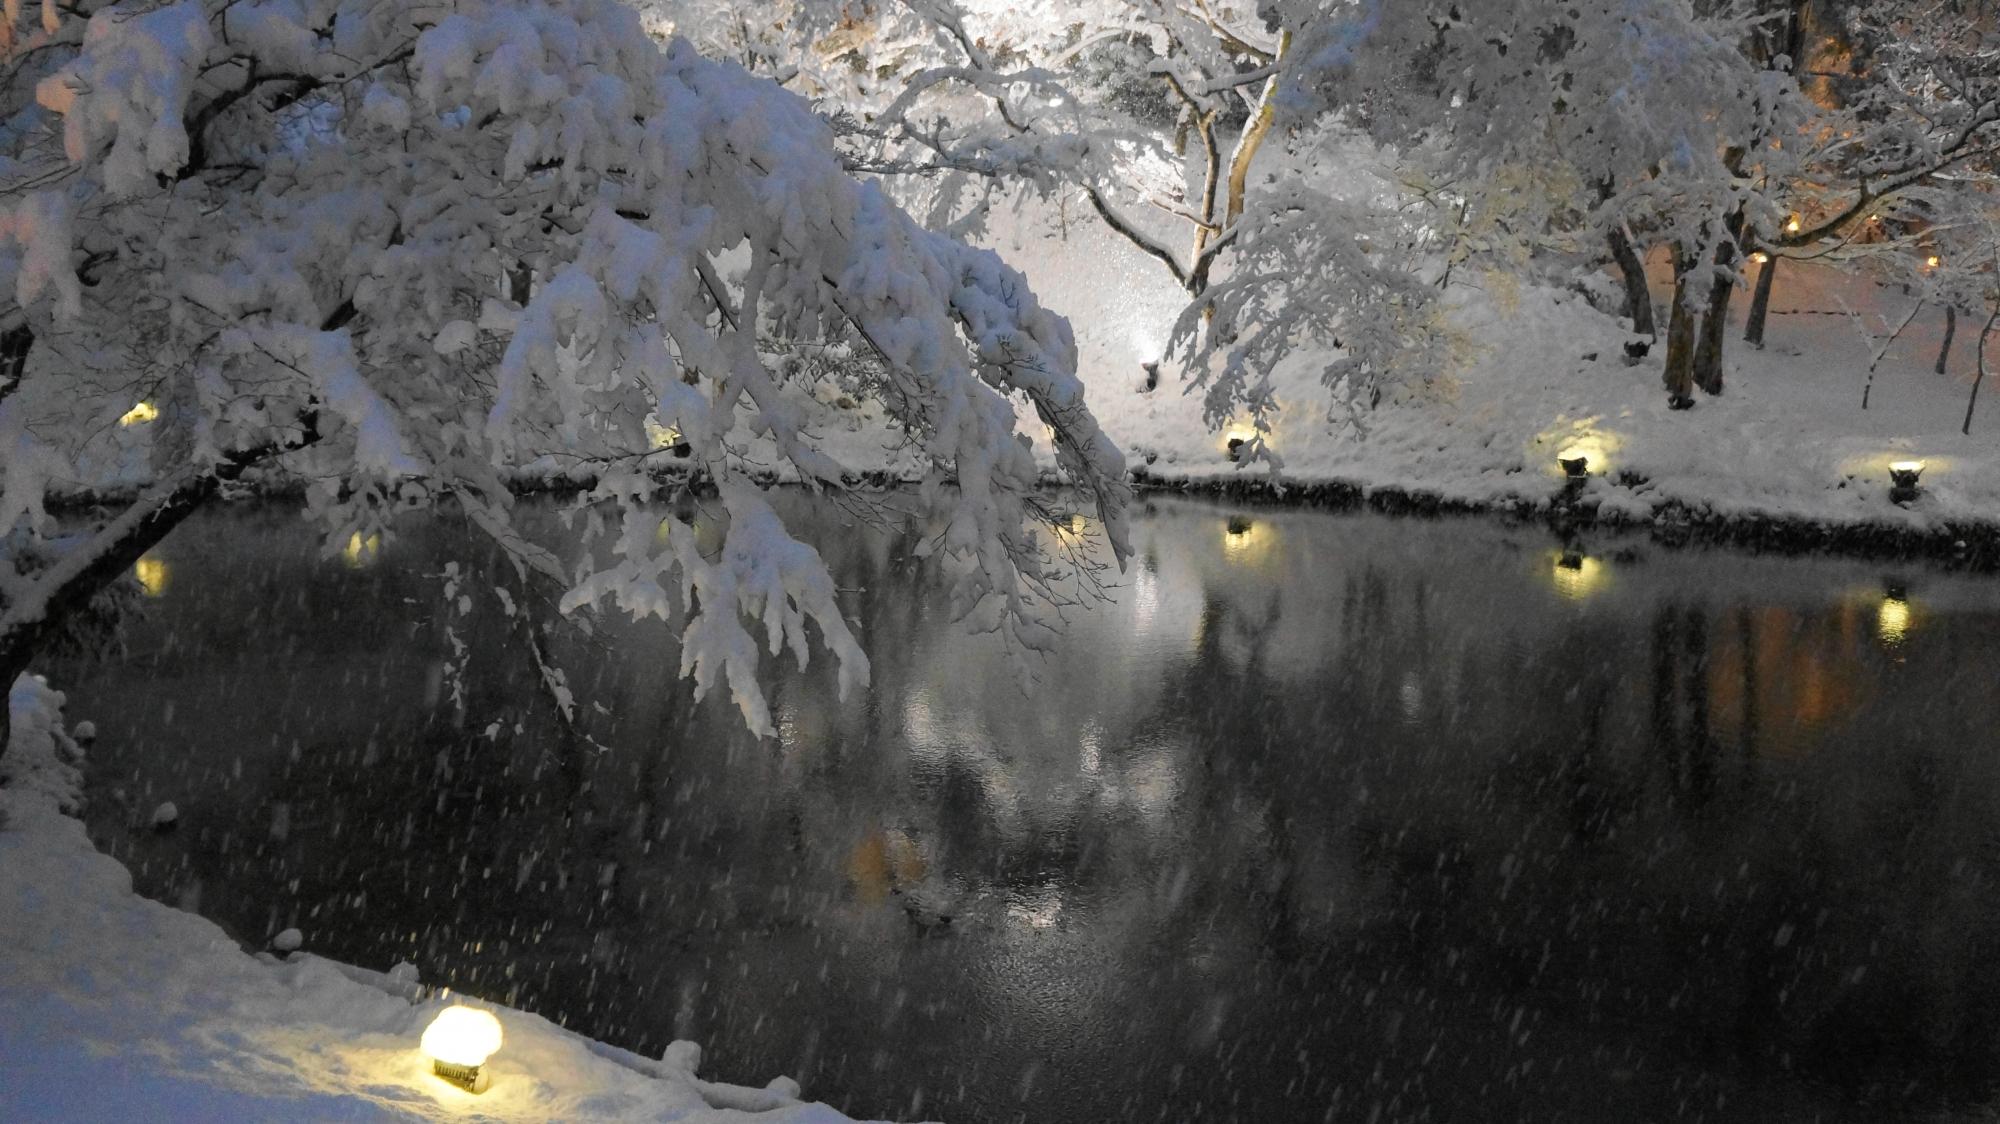 高台寺の美しい雪景色の水鏡